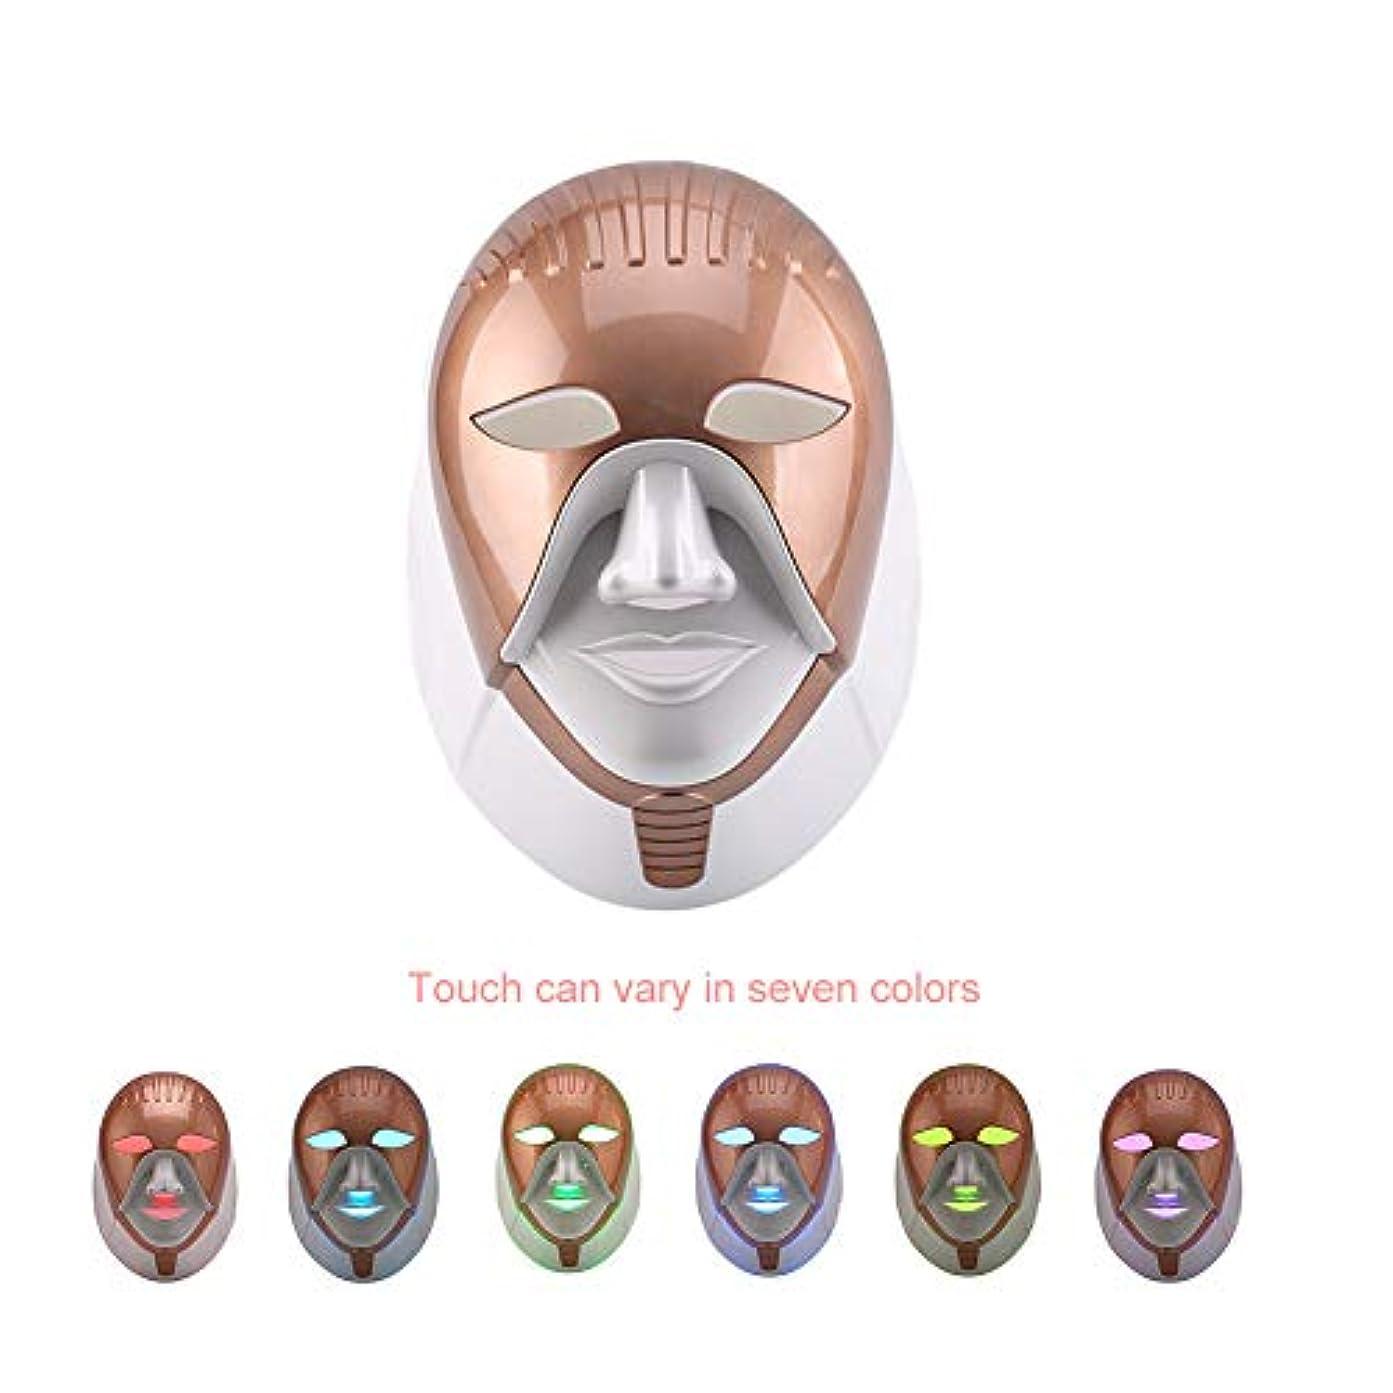 役立つチキンベーリング海峡7色led光子フェイスマスク、にきび除去しわ治療、インテリジェントタッチコントロール光子療法、美容機器にきび肌の若返り